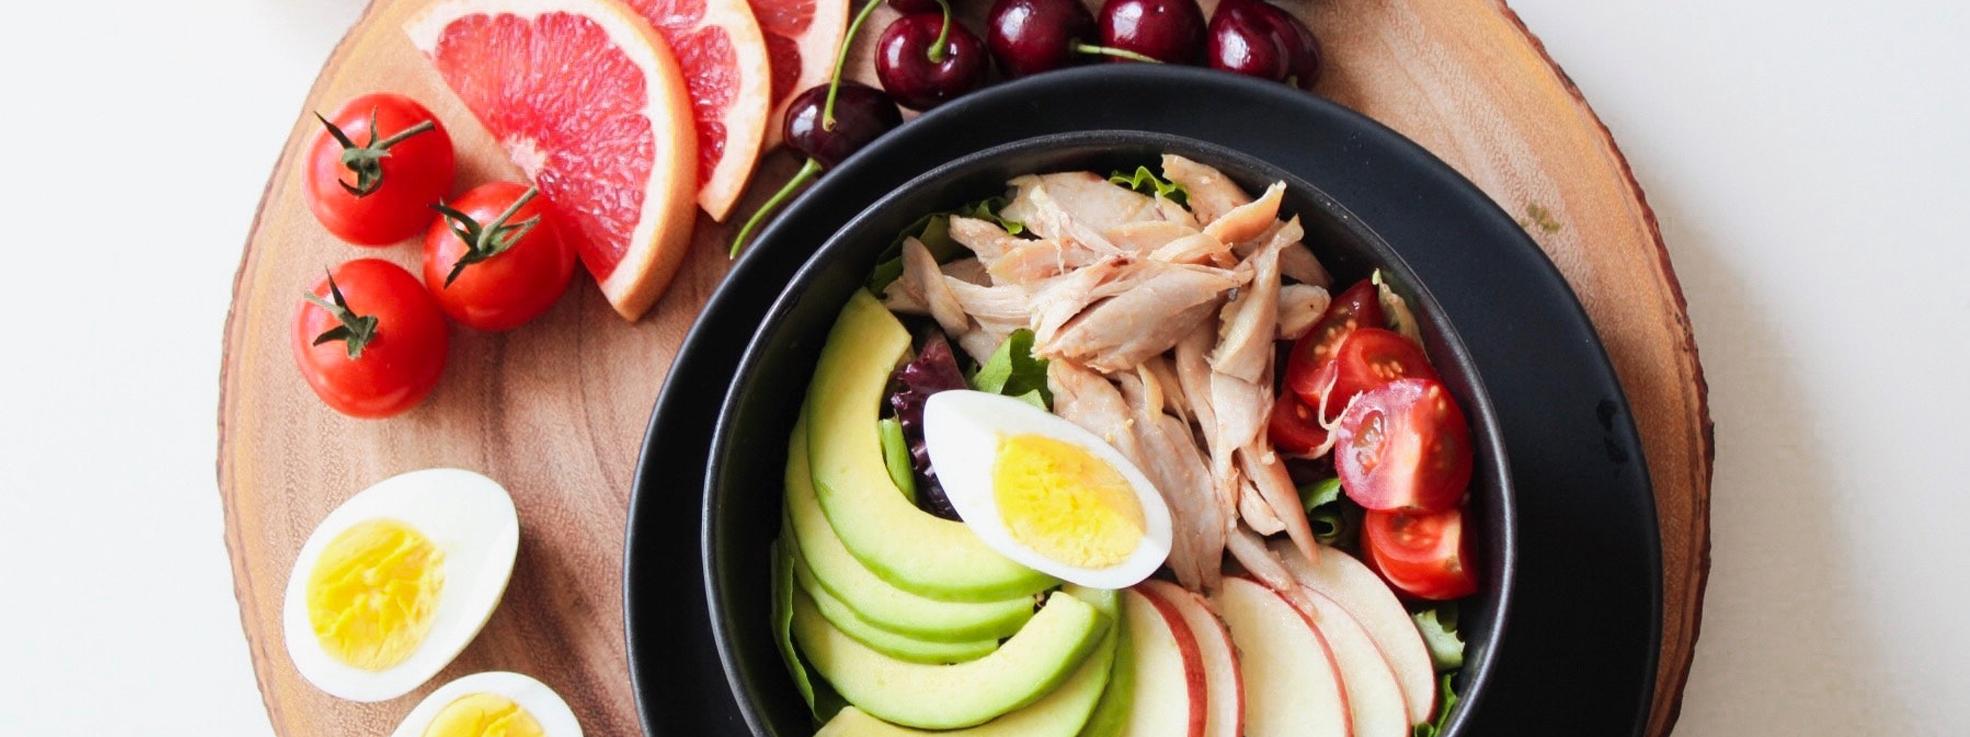 صحت مند غذائی معمولات کے لیے چند آسان نکات